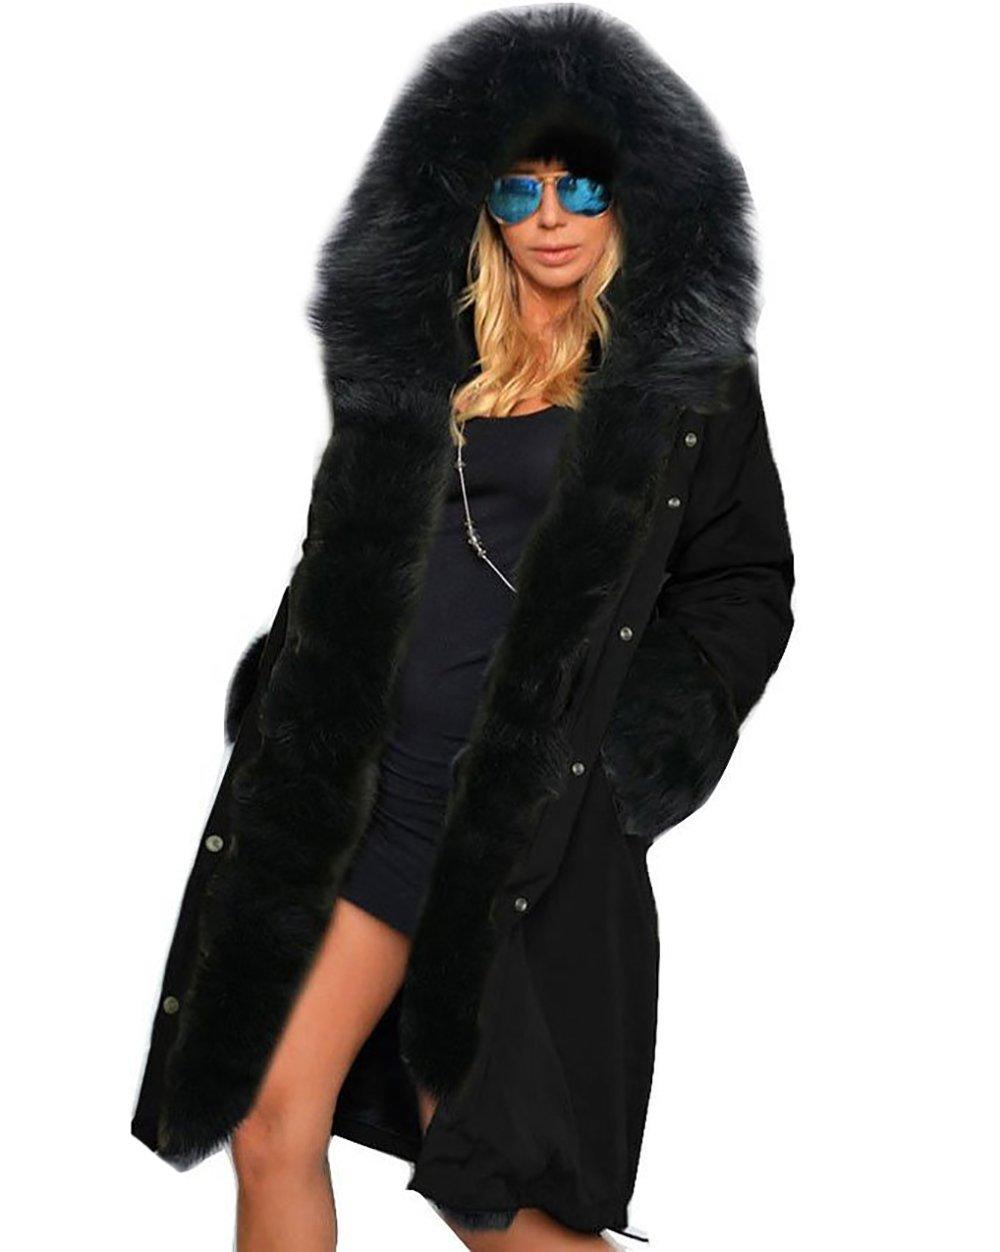 OMONSIM Women Winter Warm Thick Faux Fur Coat Outdoor Hood Parka Long Jacket Size 8-18 (10, Black)